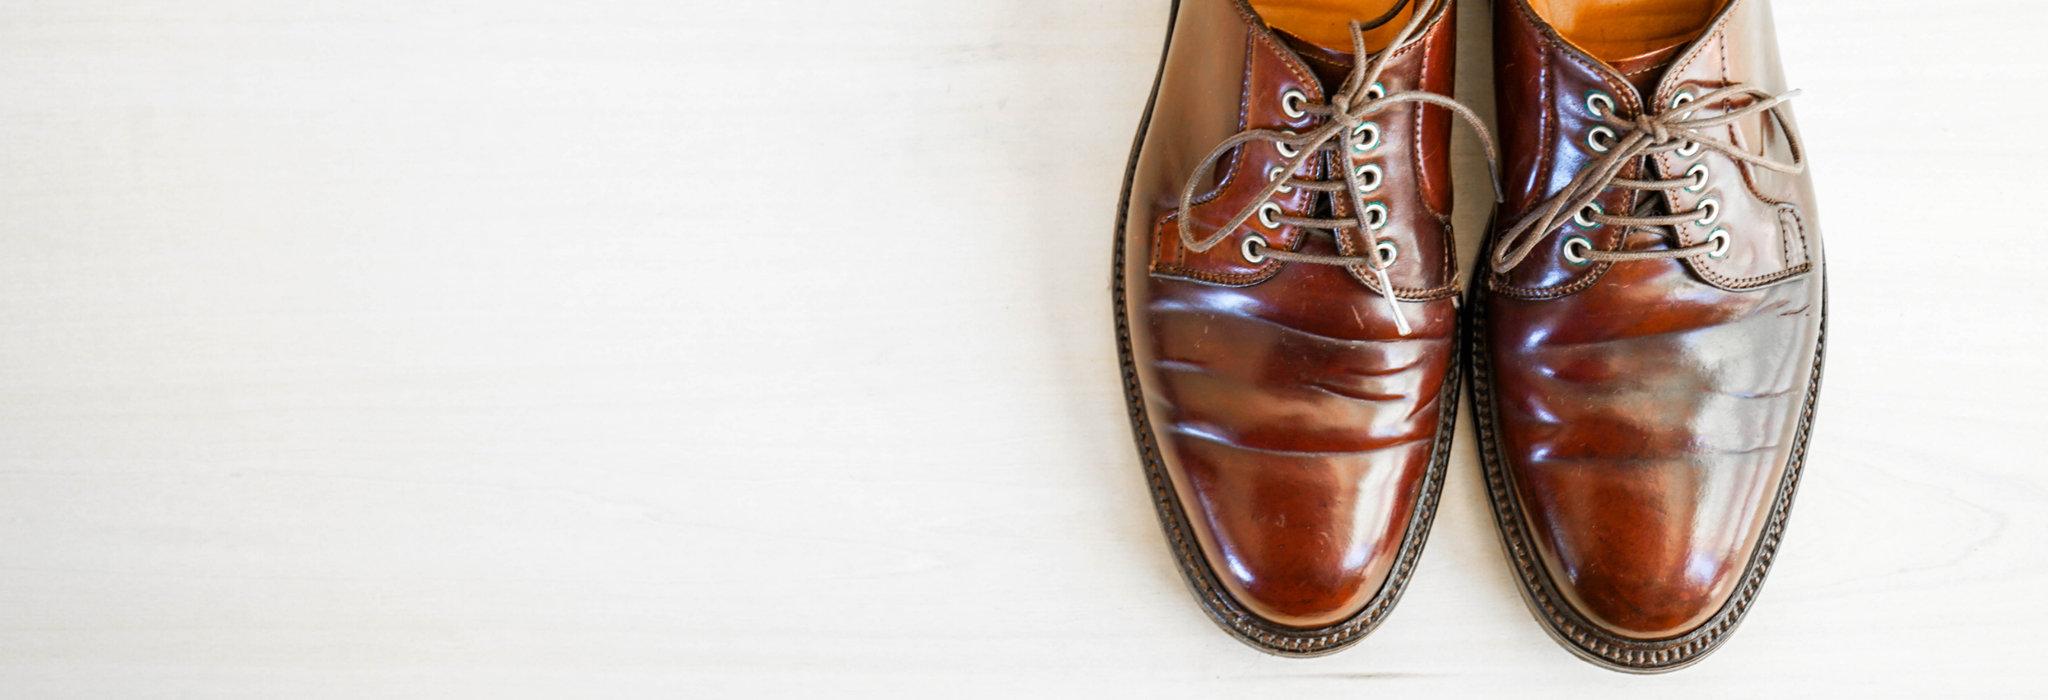 本格革靴の原点。プレーントゥの特徴と代表モデル_image